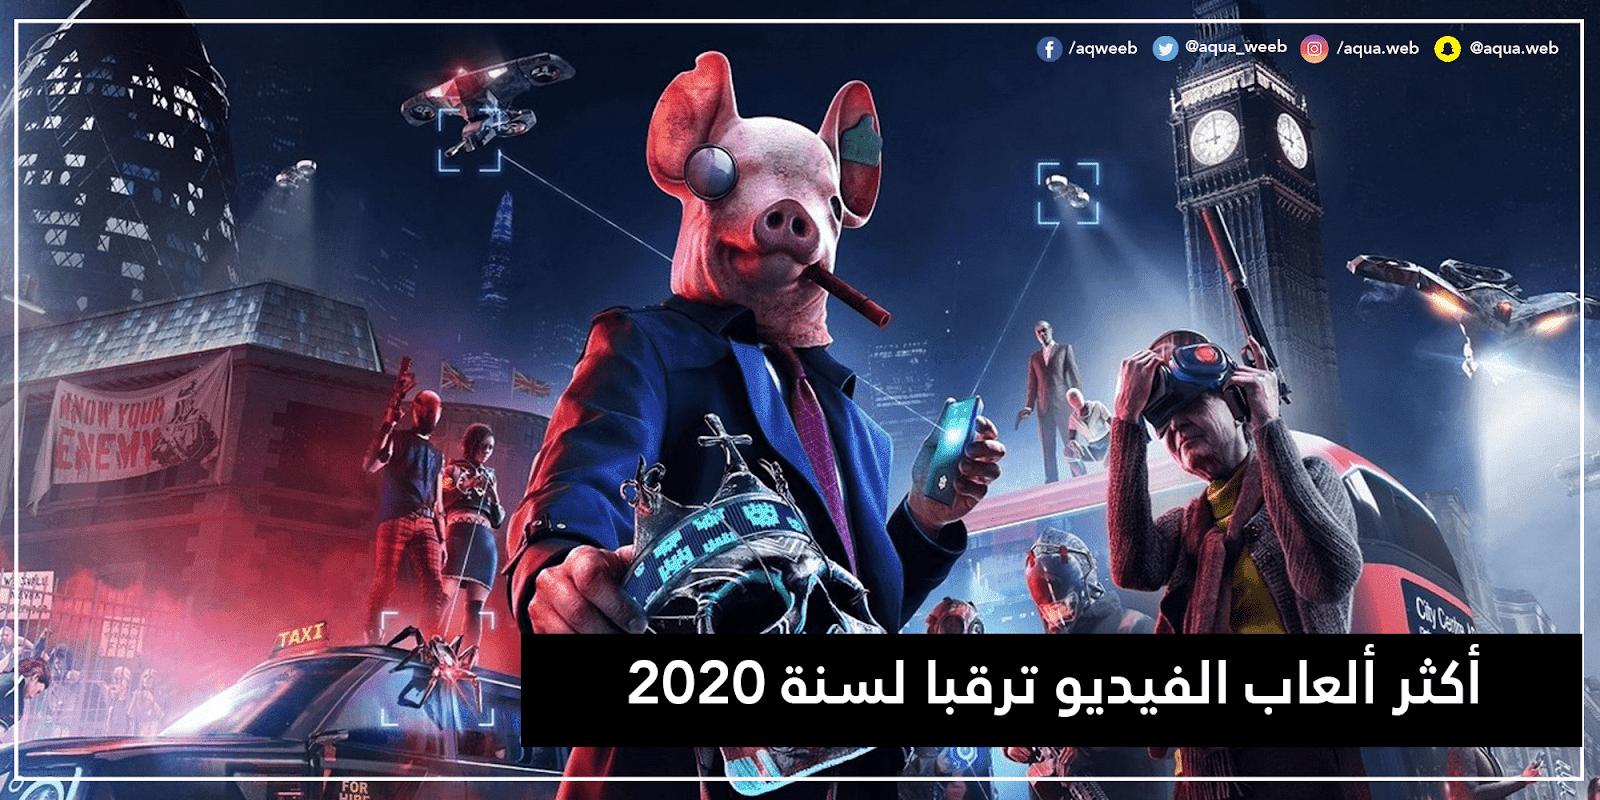 أكثر ألعاب الفيديو ترقبا لسنة 2020